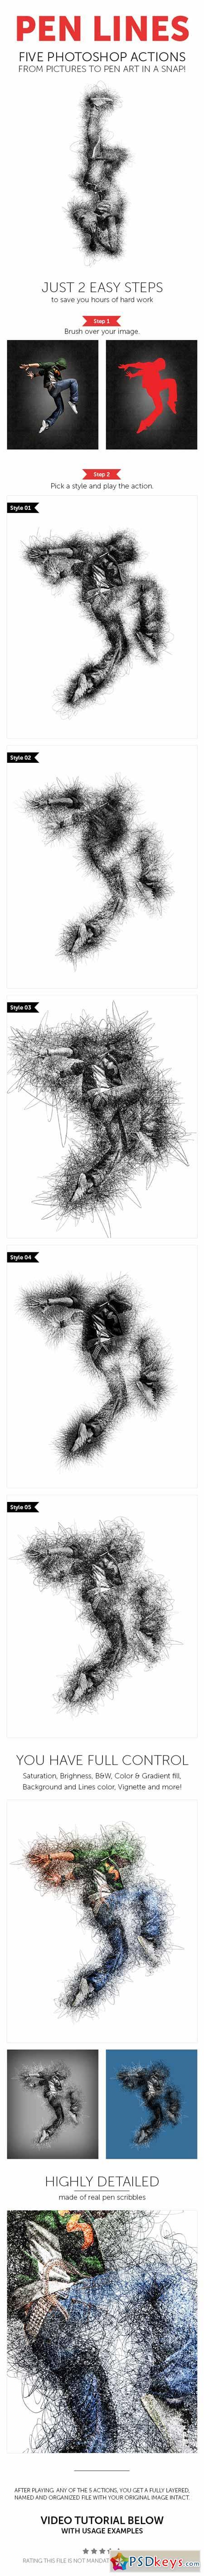 Pen Lines - Photoshop Action 13341322